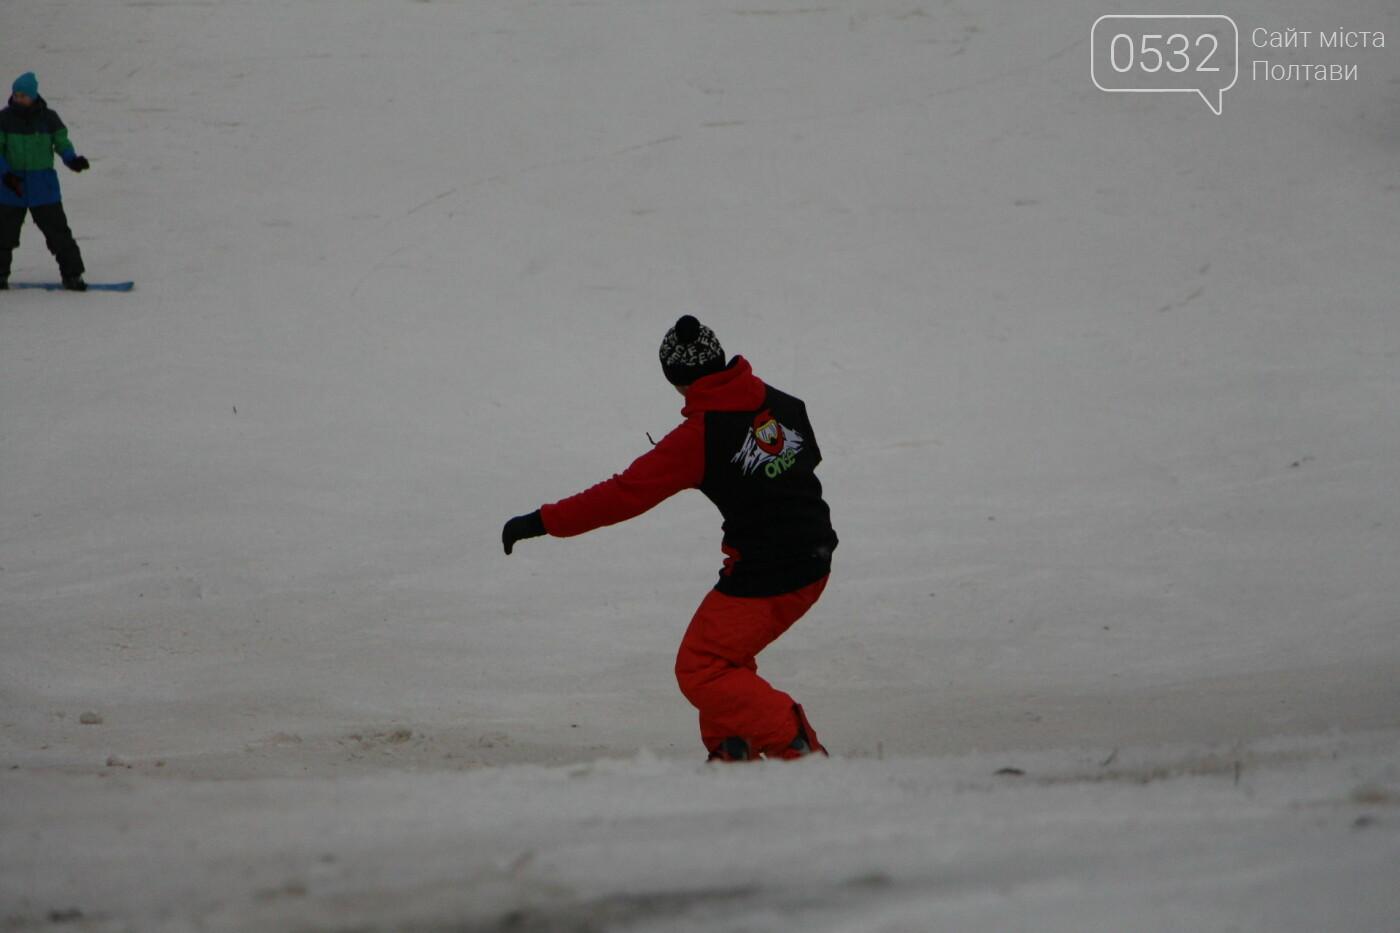 """Знайшли сніг під Полтавою: справжня зимова атмосфера у """"Сорочиному яру"""" (ФОТО), фото-16"""